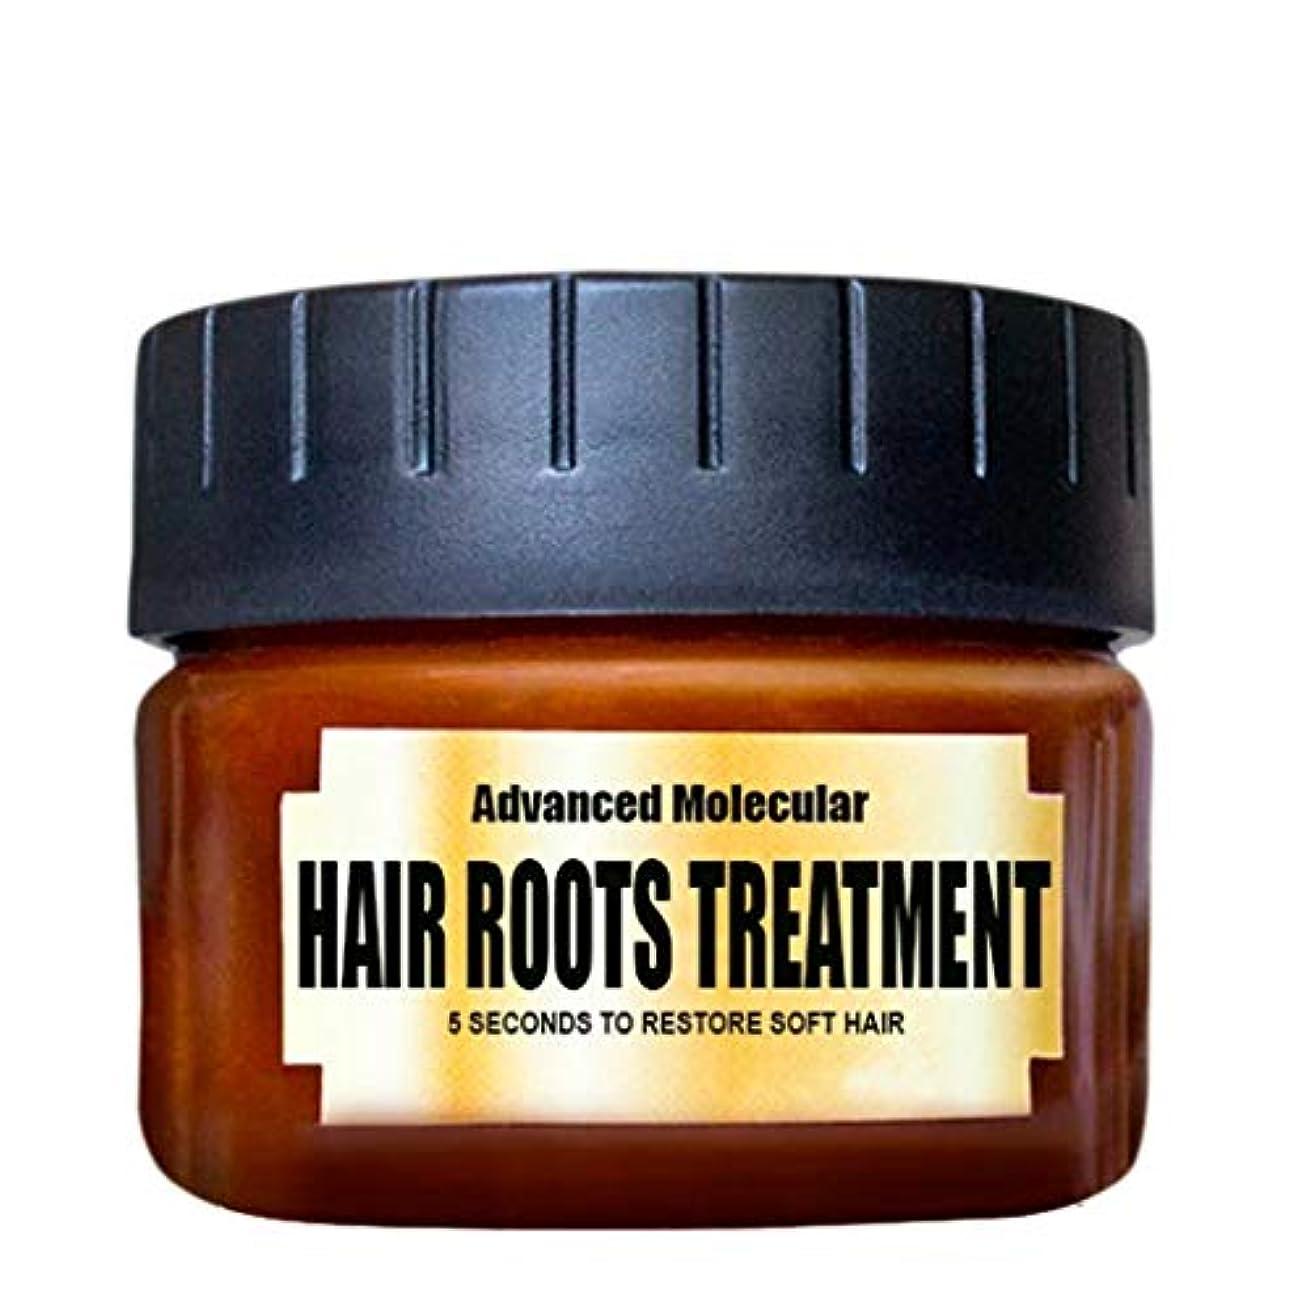 請願者嵐が丘静脈DOUJI 天然植物成分 ヘアケア リッチリペア コンディショナー60ml コンディショナー 髪の解毒ヘアマスク高度な分子毛根治療回復エクストラダメージケア トリートメント